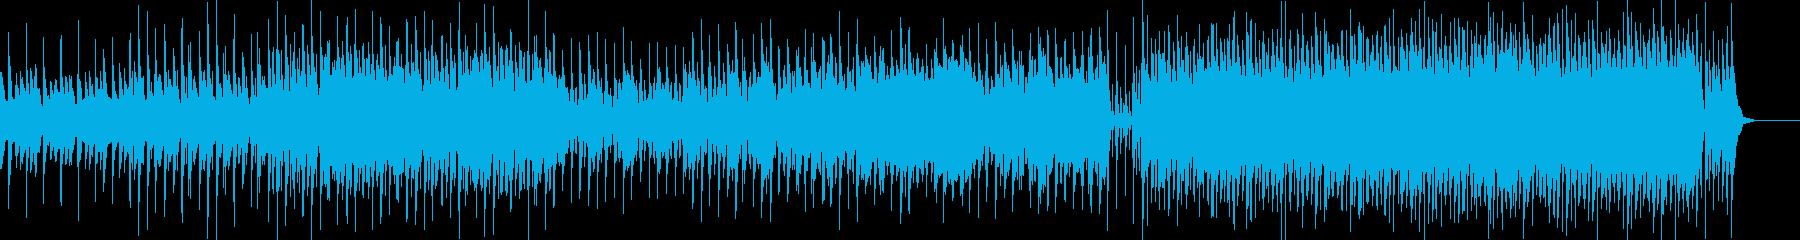 可愛らしいポップスの再生済みの波形